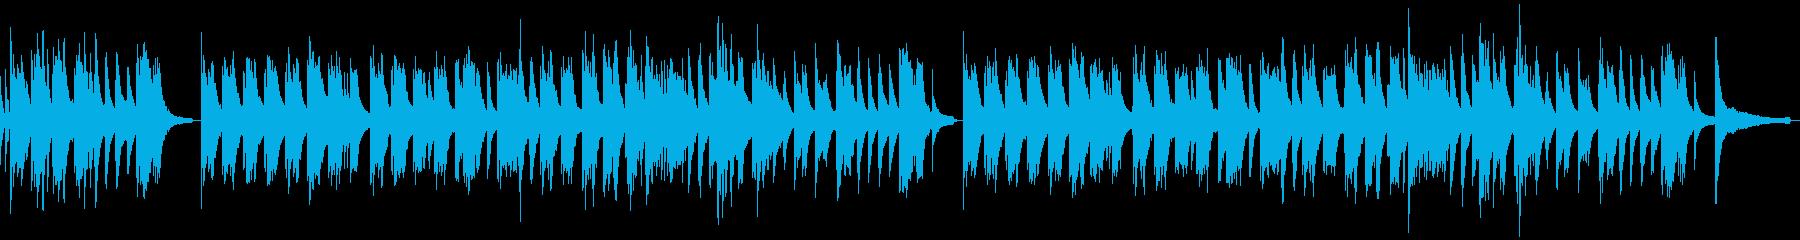 DannyBoyダニーボーイカラオケの再生済みの波形